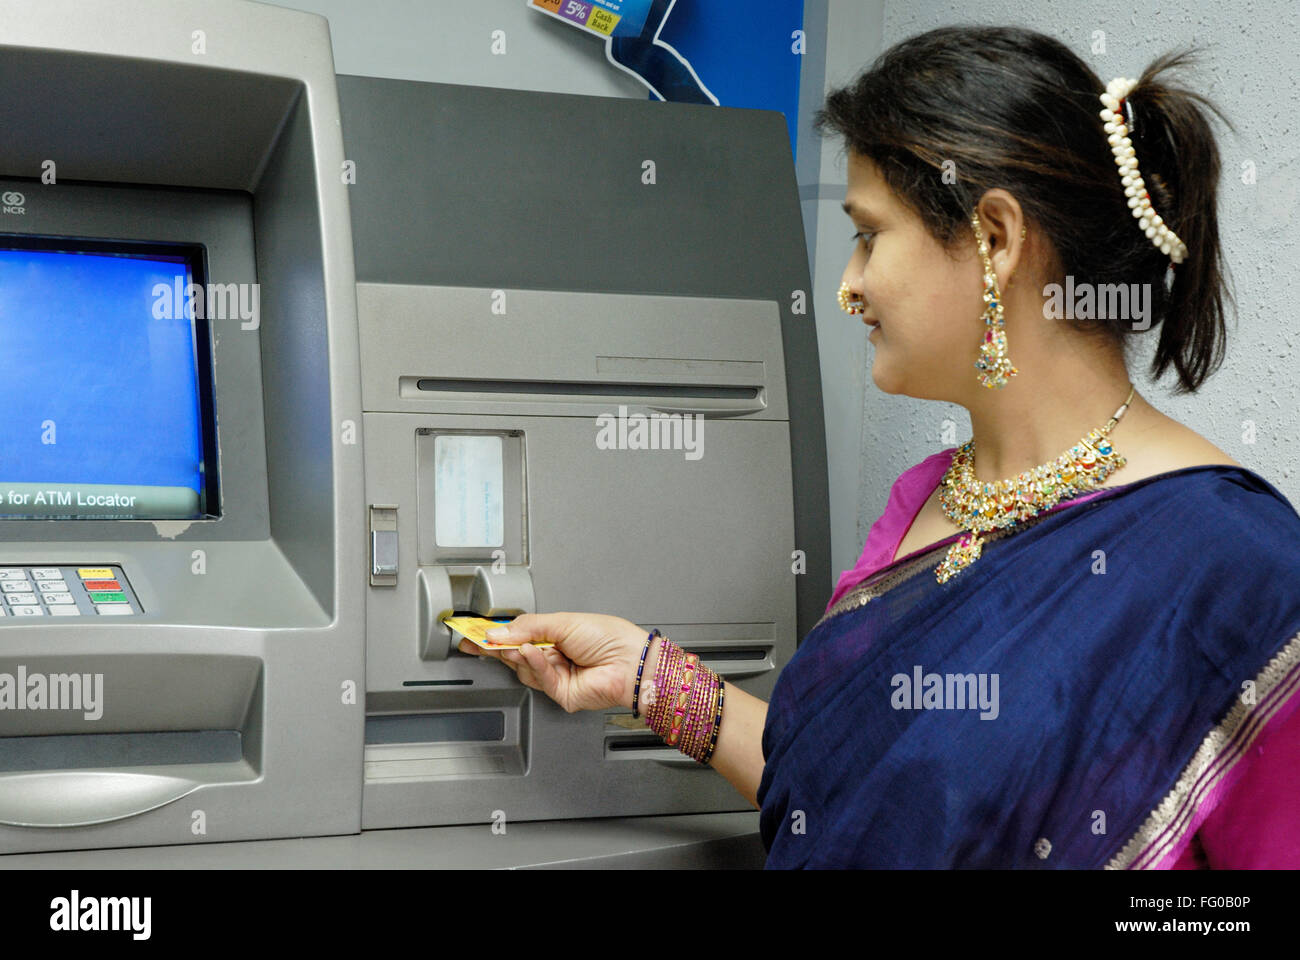 indien ec karte Dame mit EC Karte abheben Geld vom Sparkonto zu verstümmeln